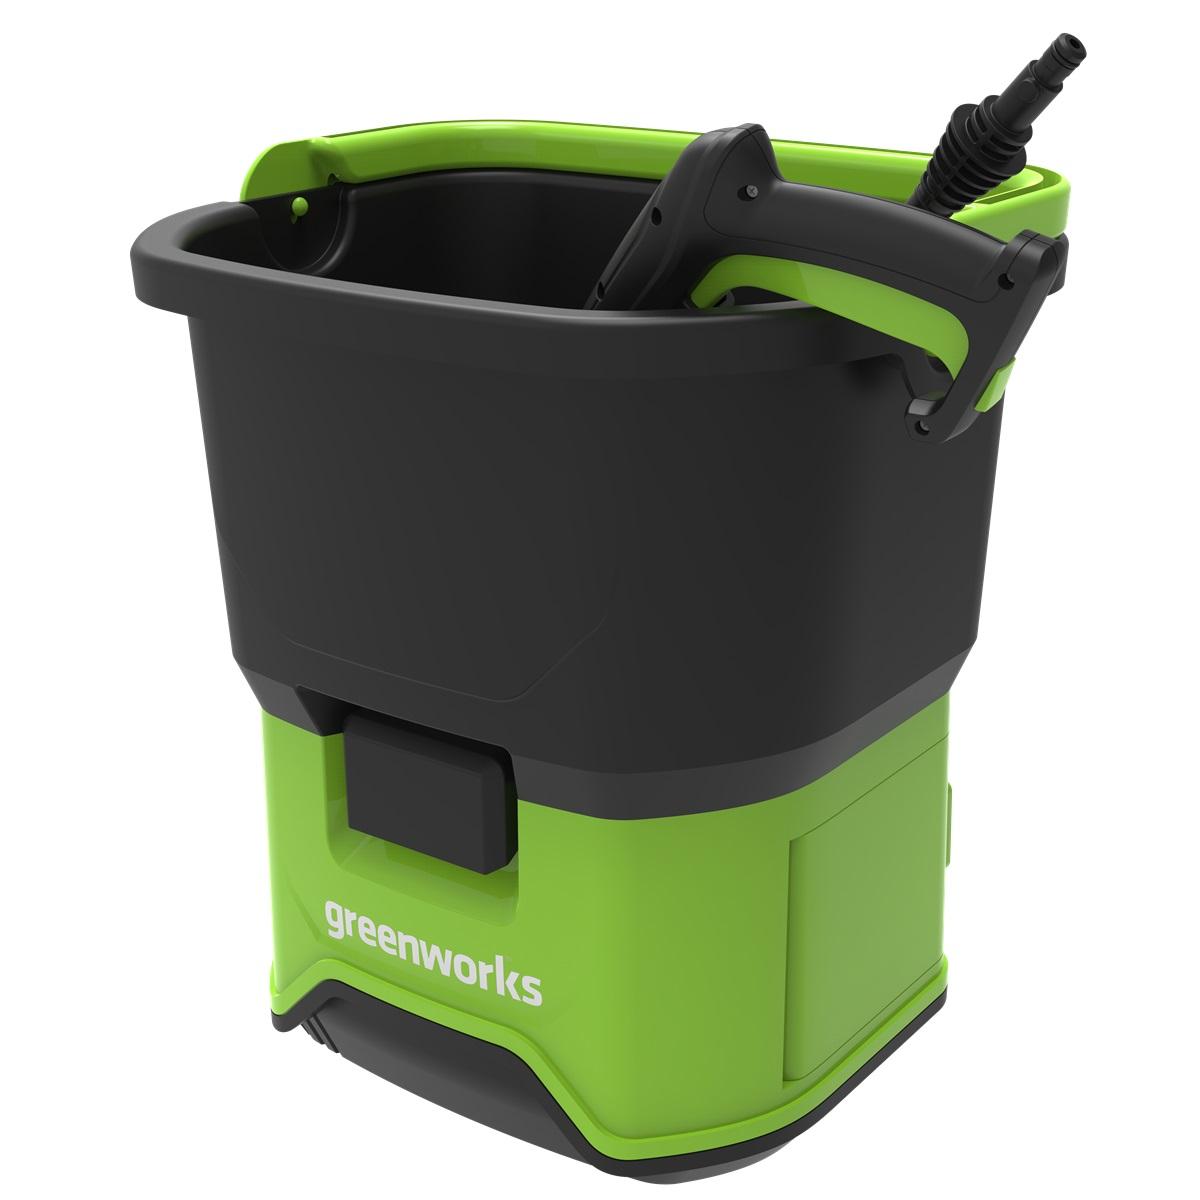 Greenworks GDC60